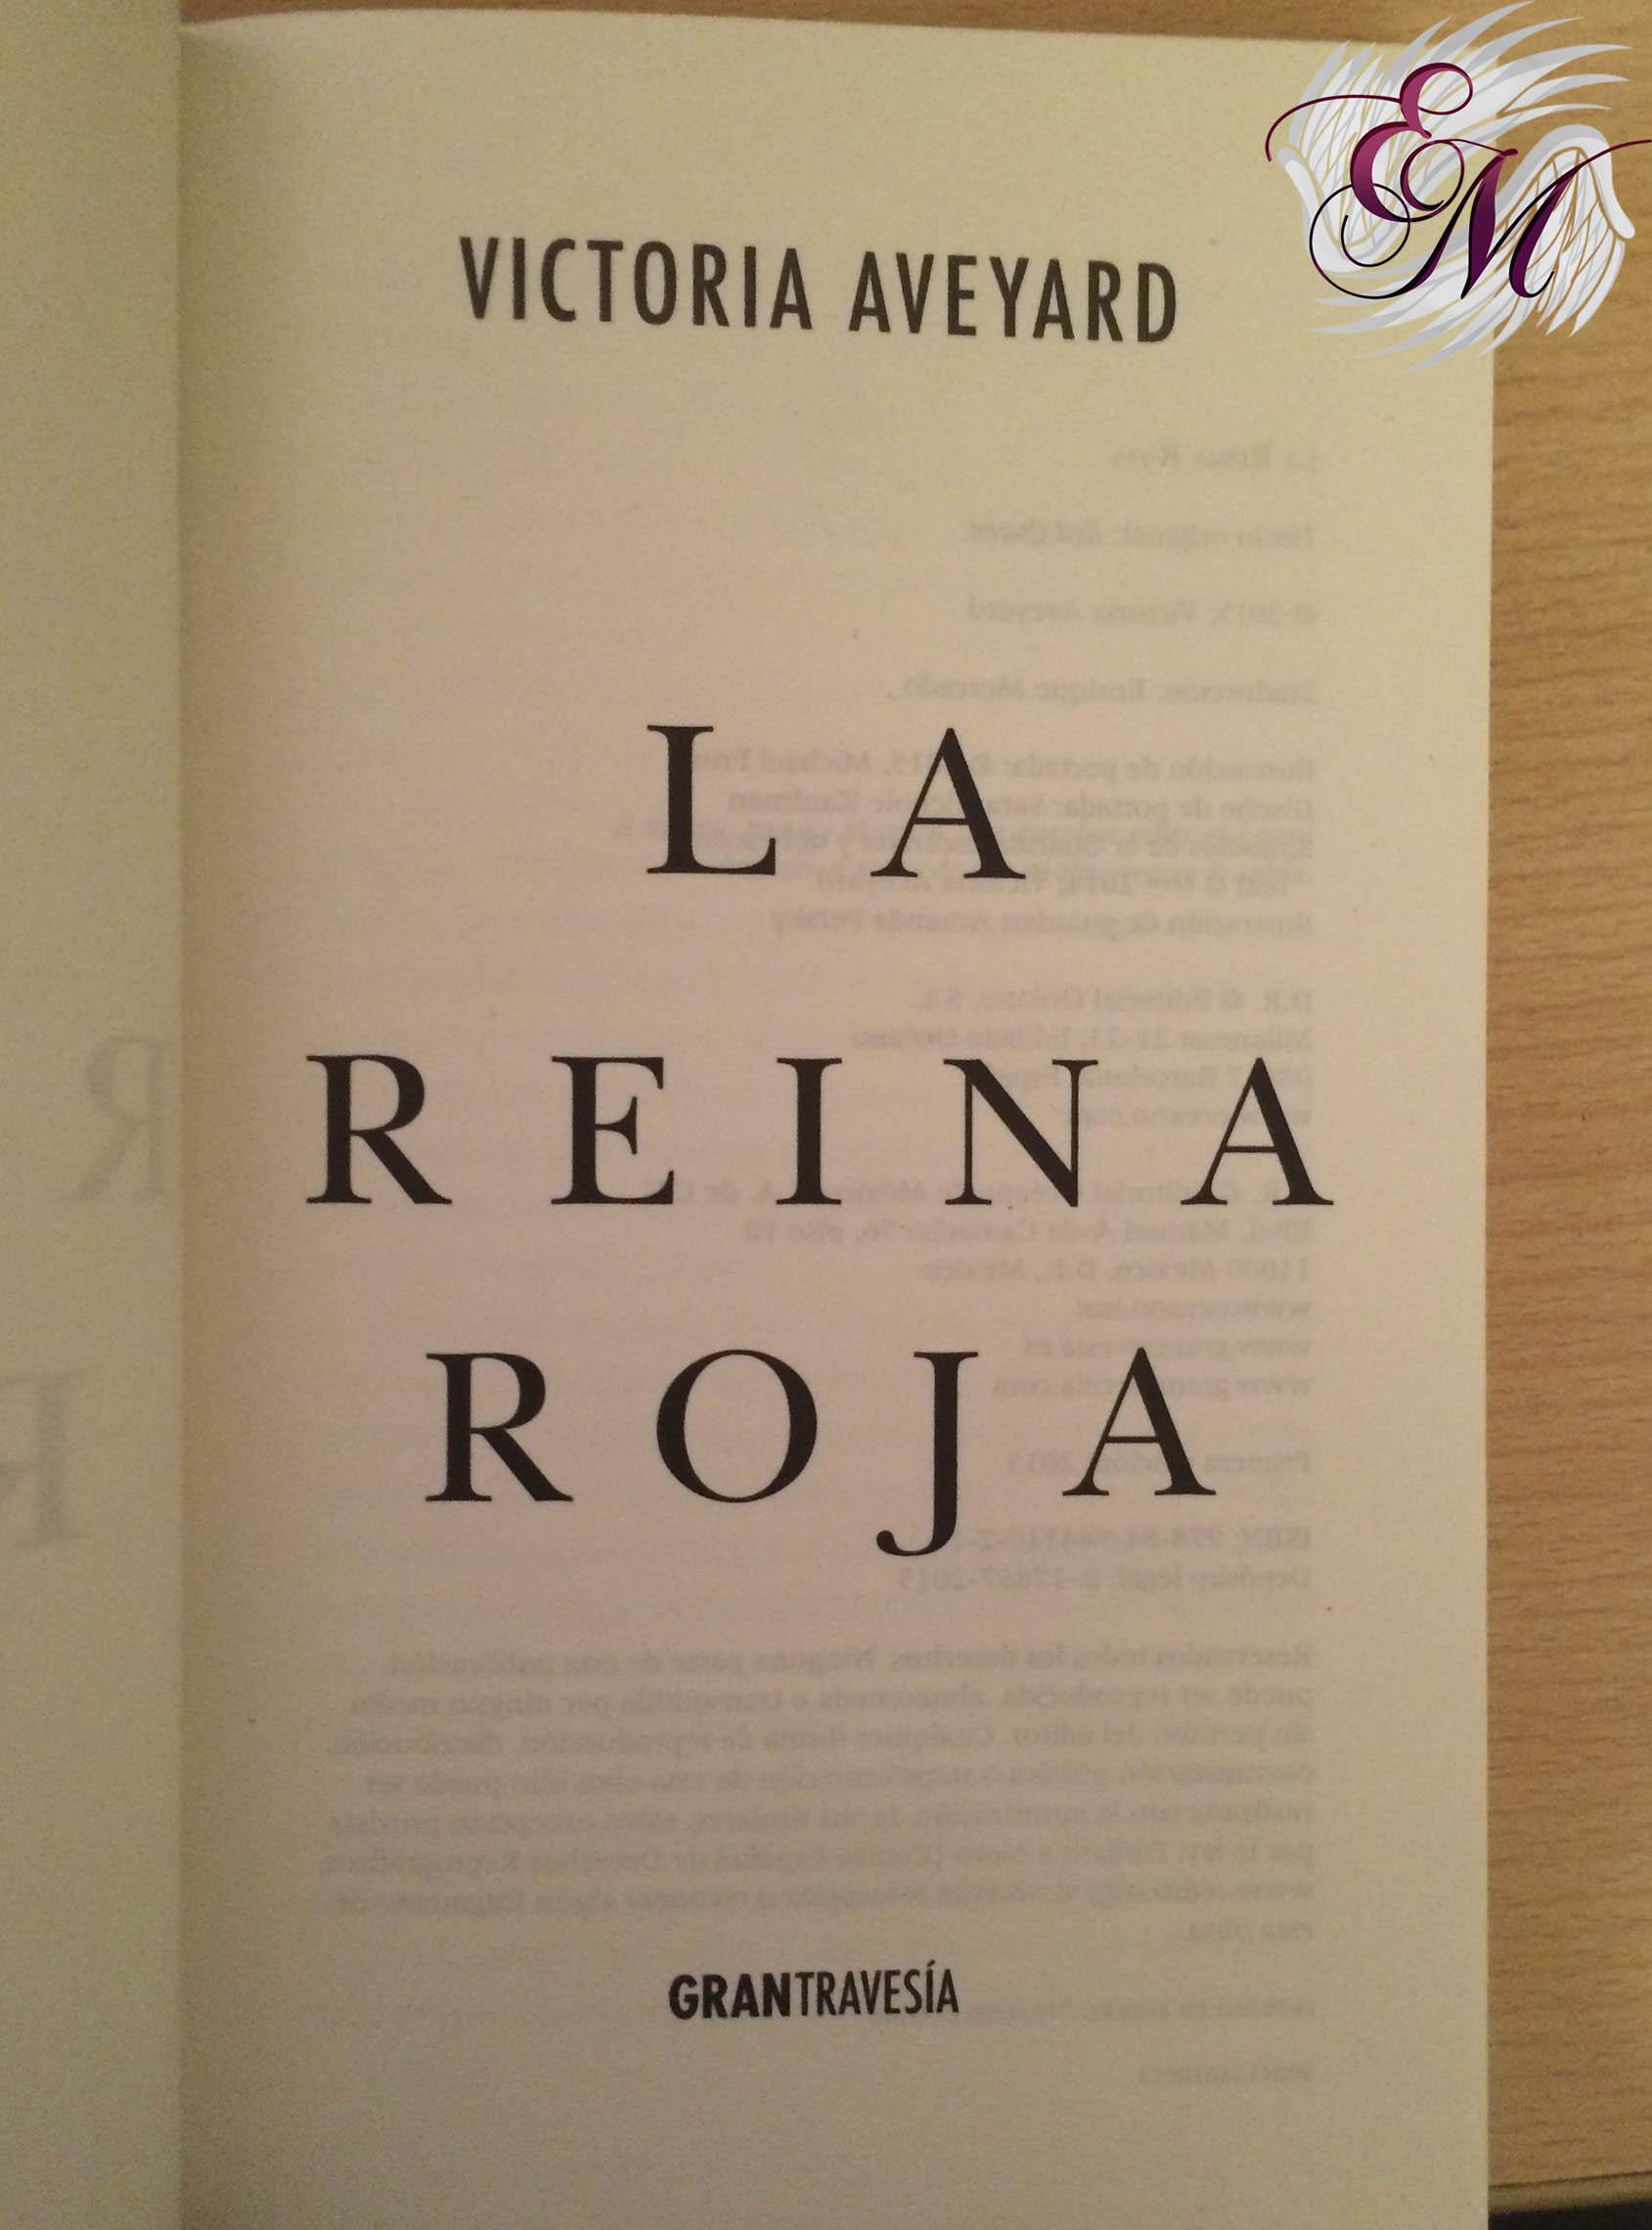 La Reina Roja de Victoria Aveyard - Reseña - página de la editorial